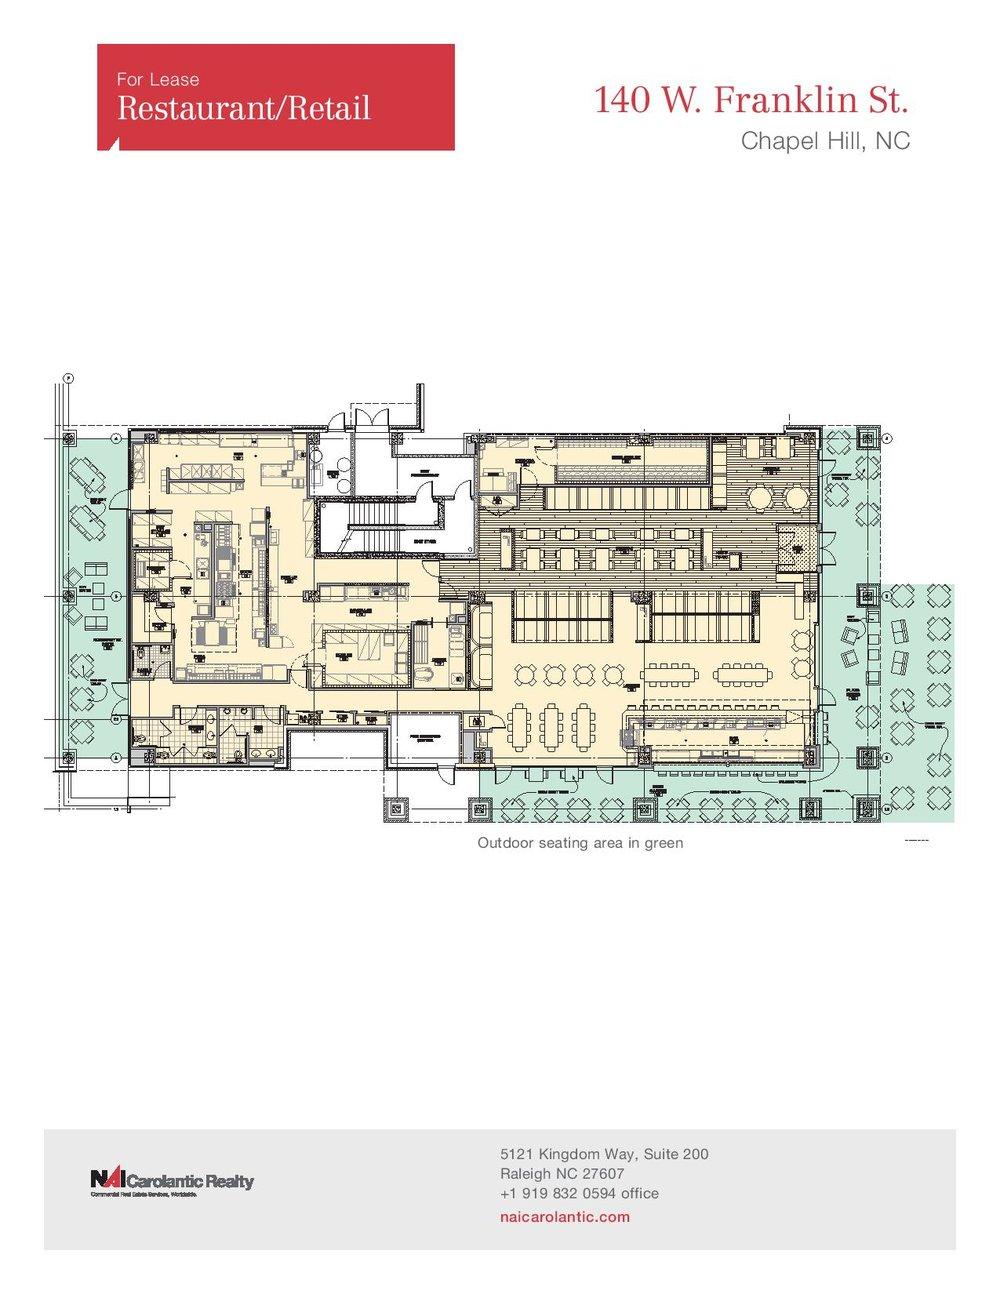 ChapelHill-140WFranklinSt (2)-page-004.jpg